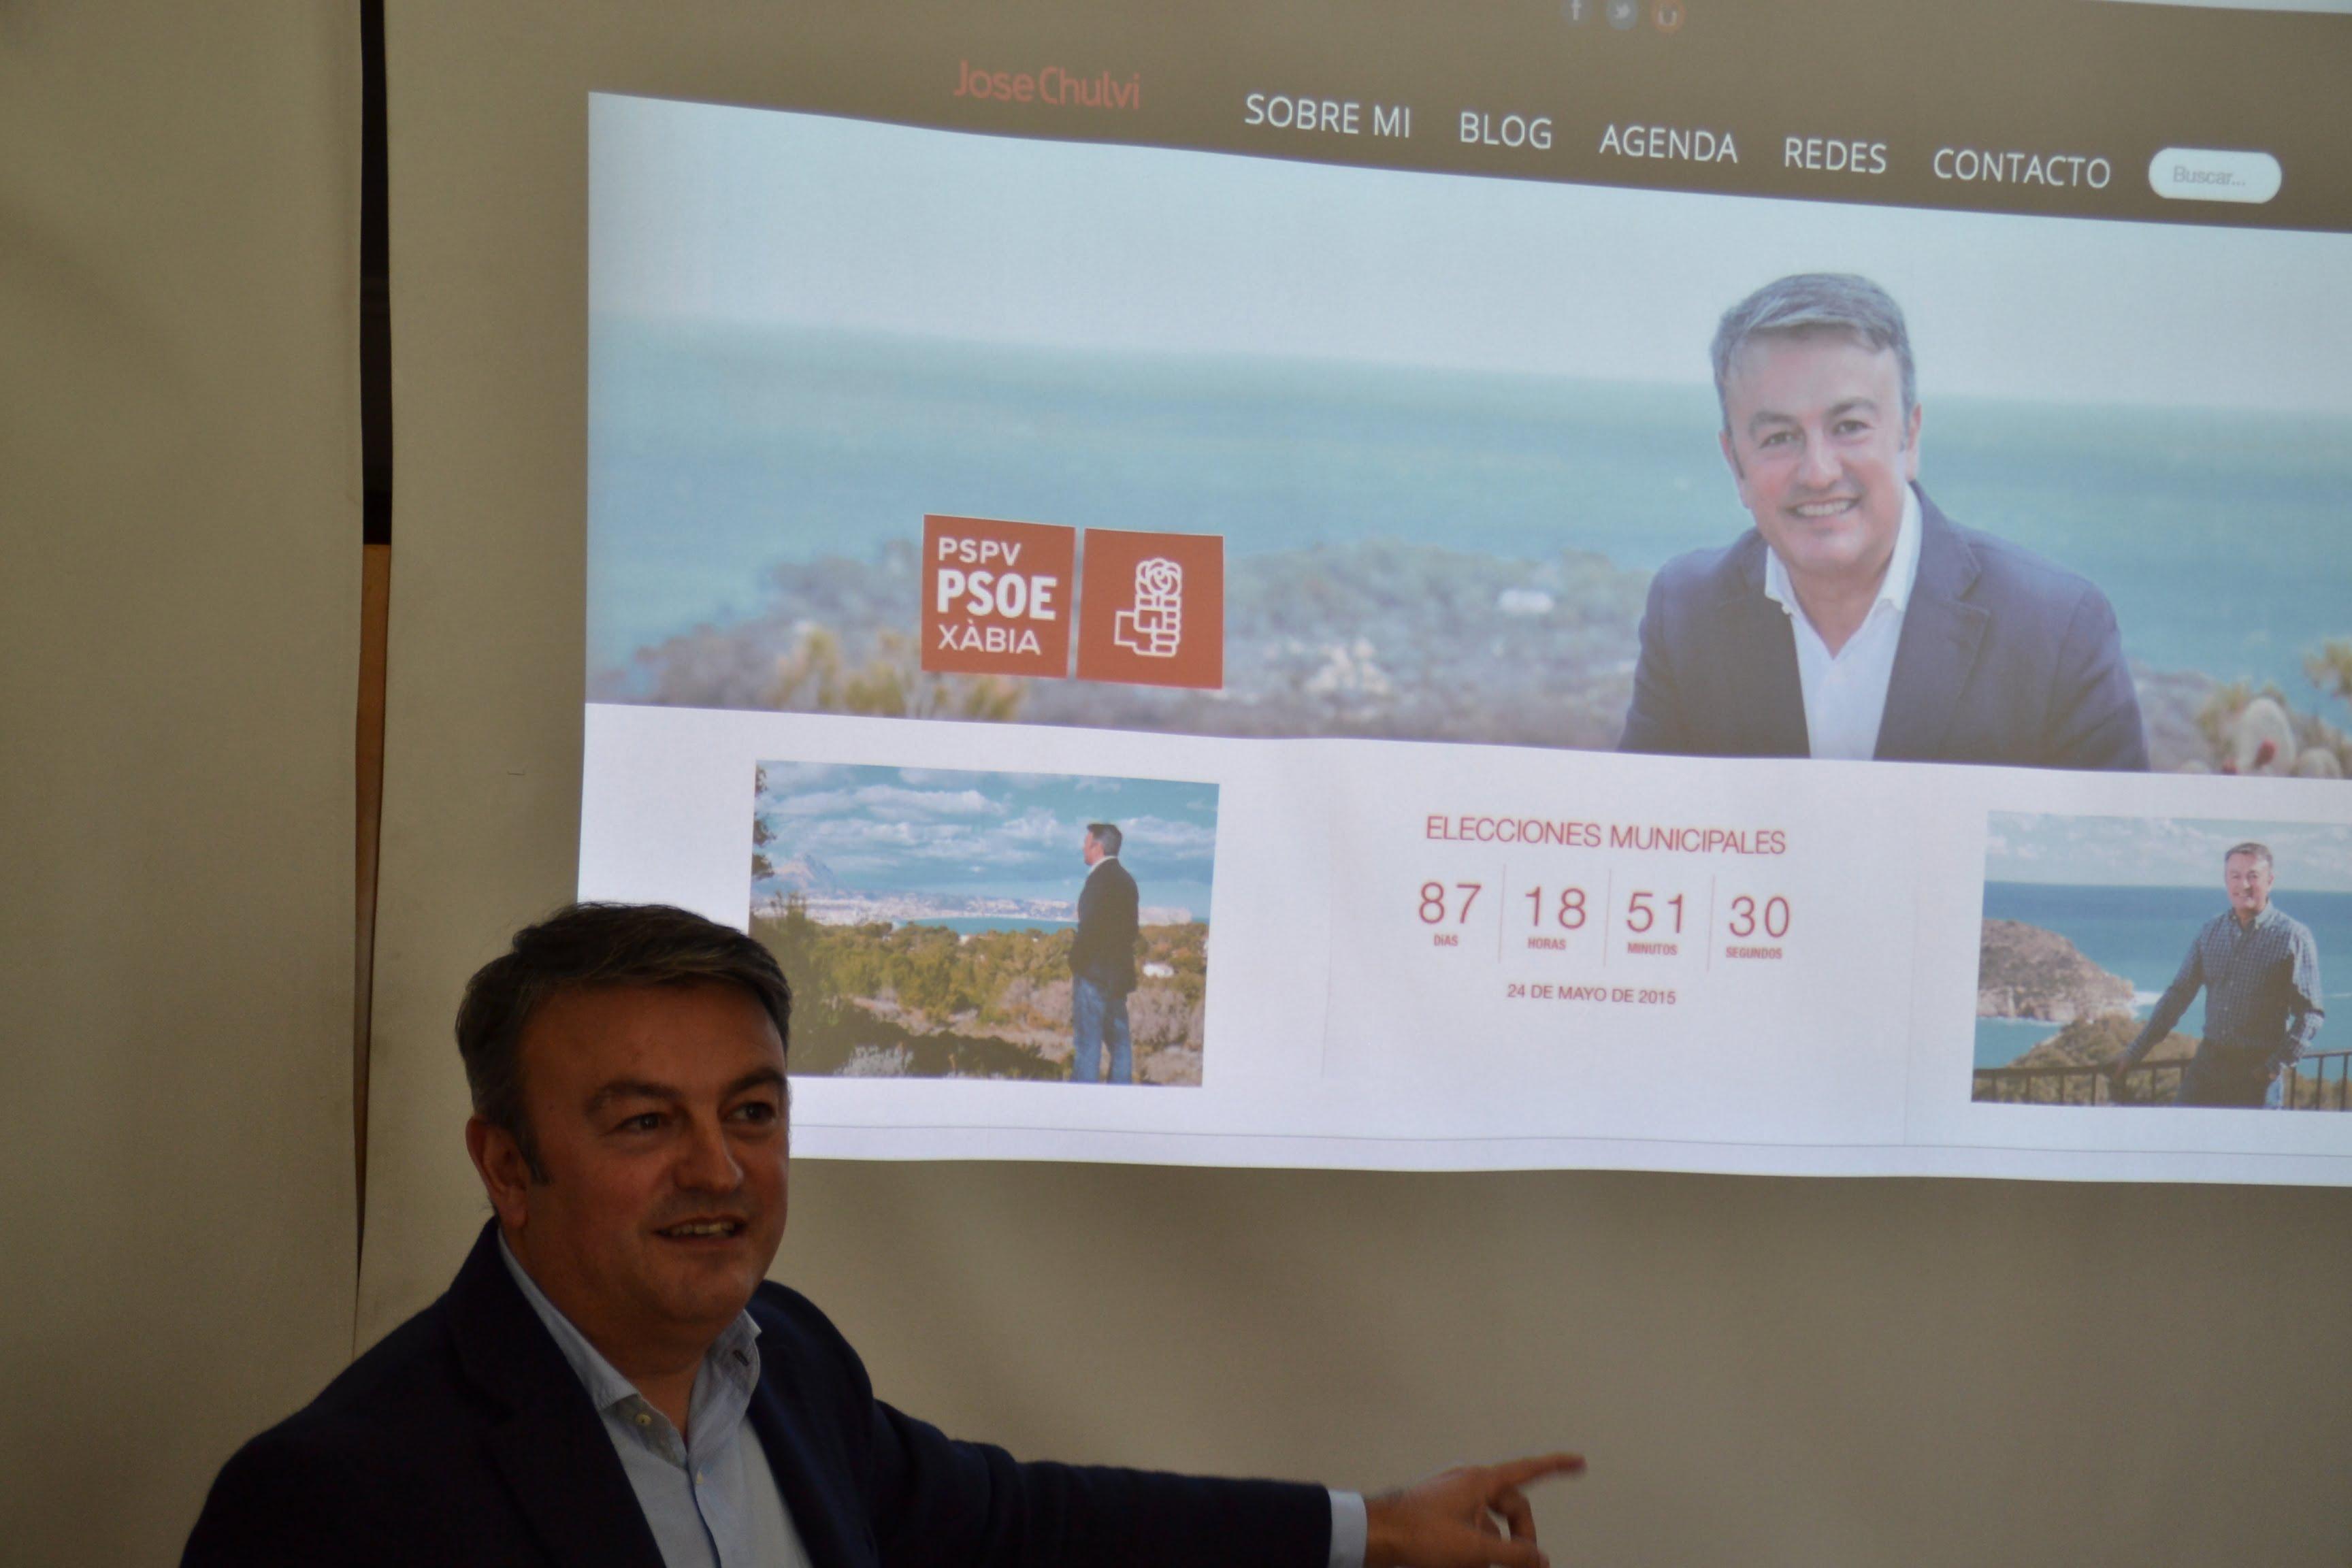 José Chulvi presentando su blog